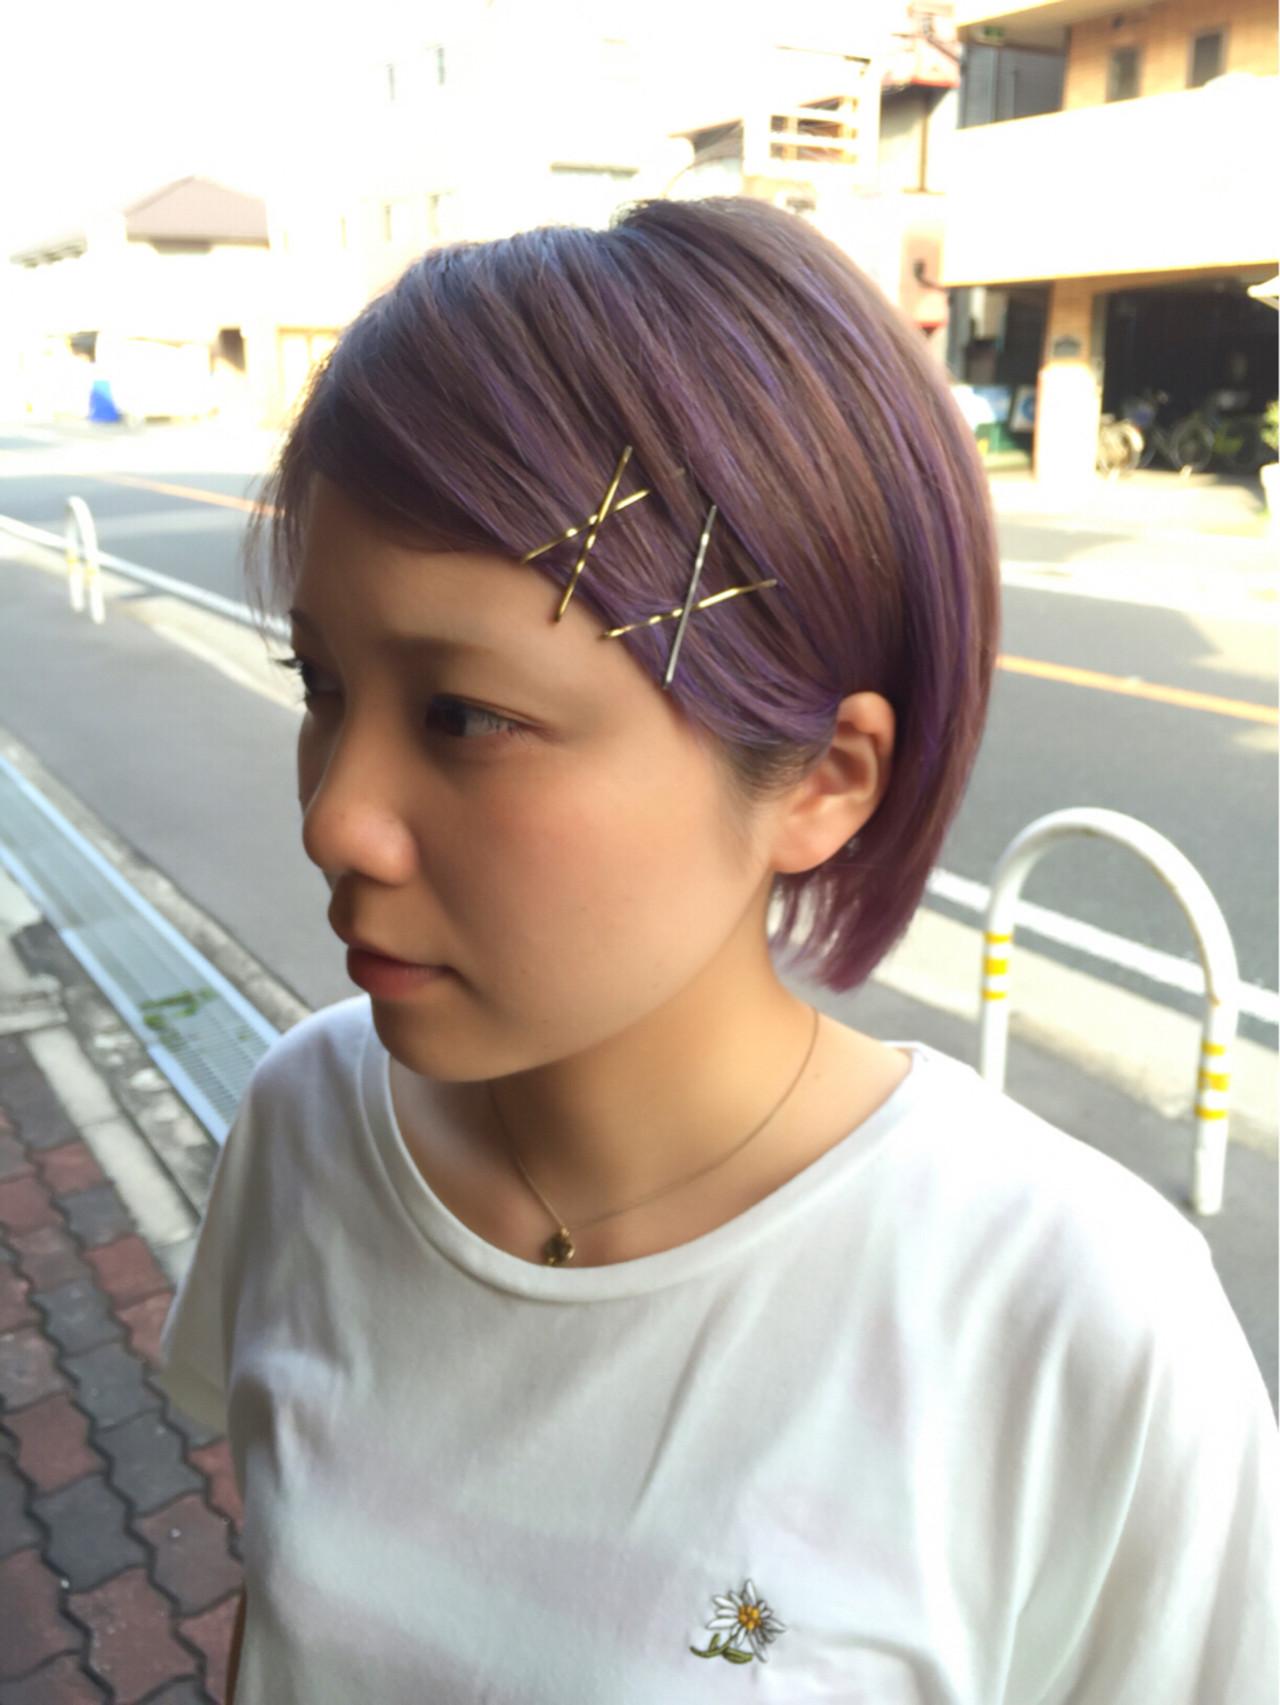 ラベンダーアッシュなあなたの髪色を旬に♪うっとり色落ちを楽しもう Tatsuo Araki / Slow